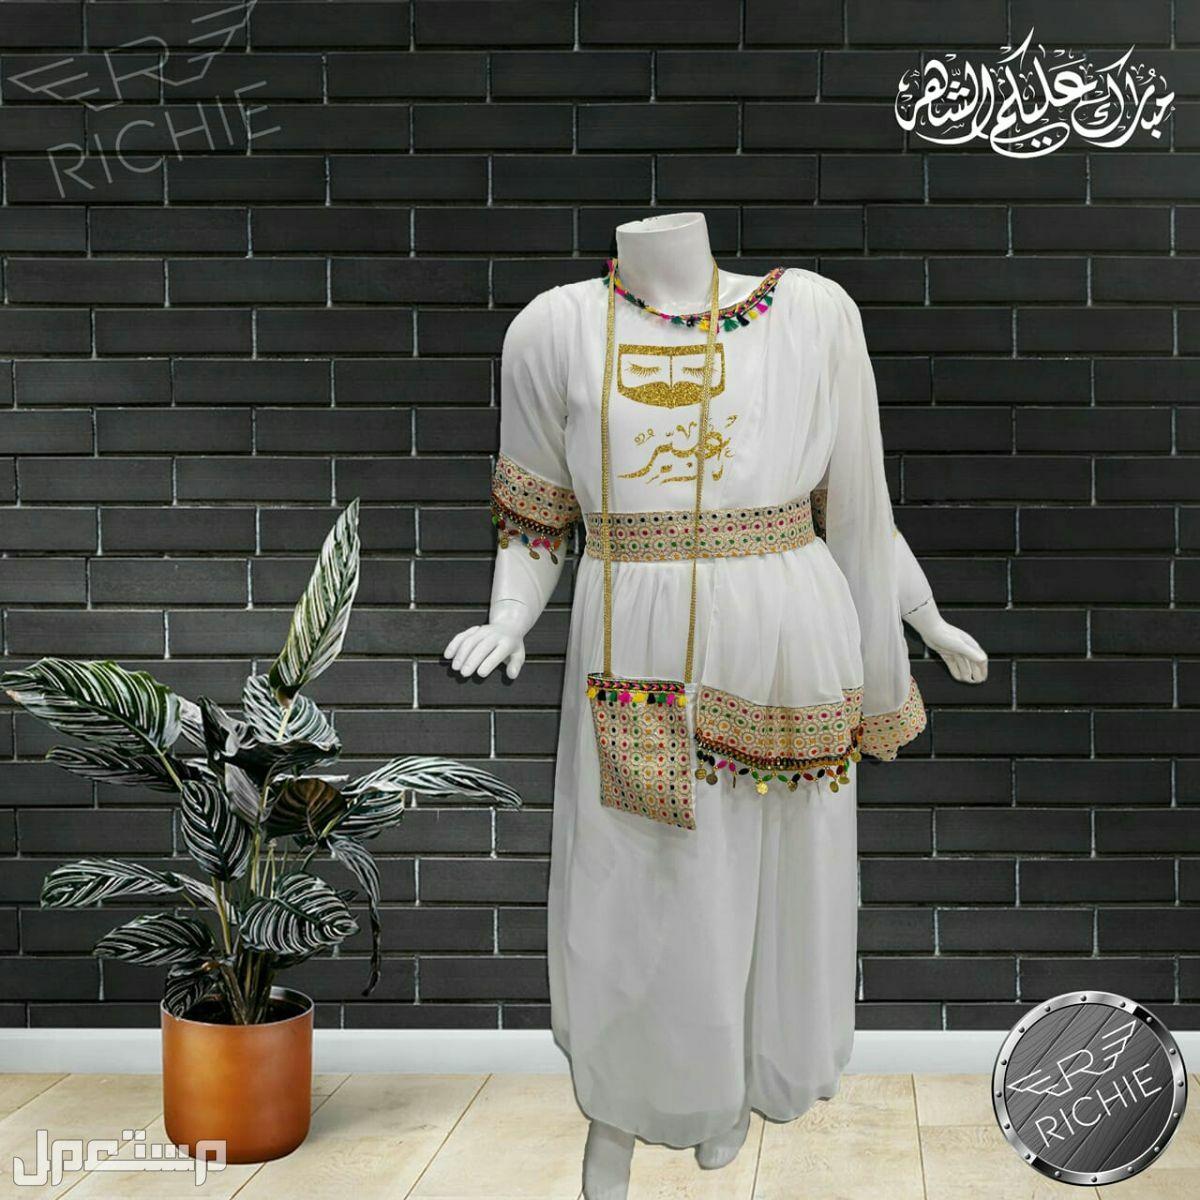 فستان بناتي مع شنطه طباعة الاسم حسب الطلب